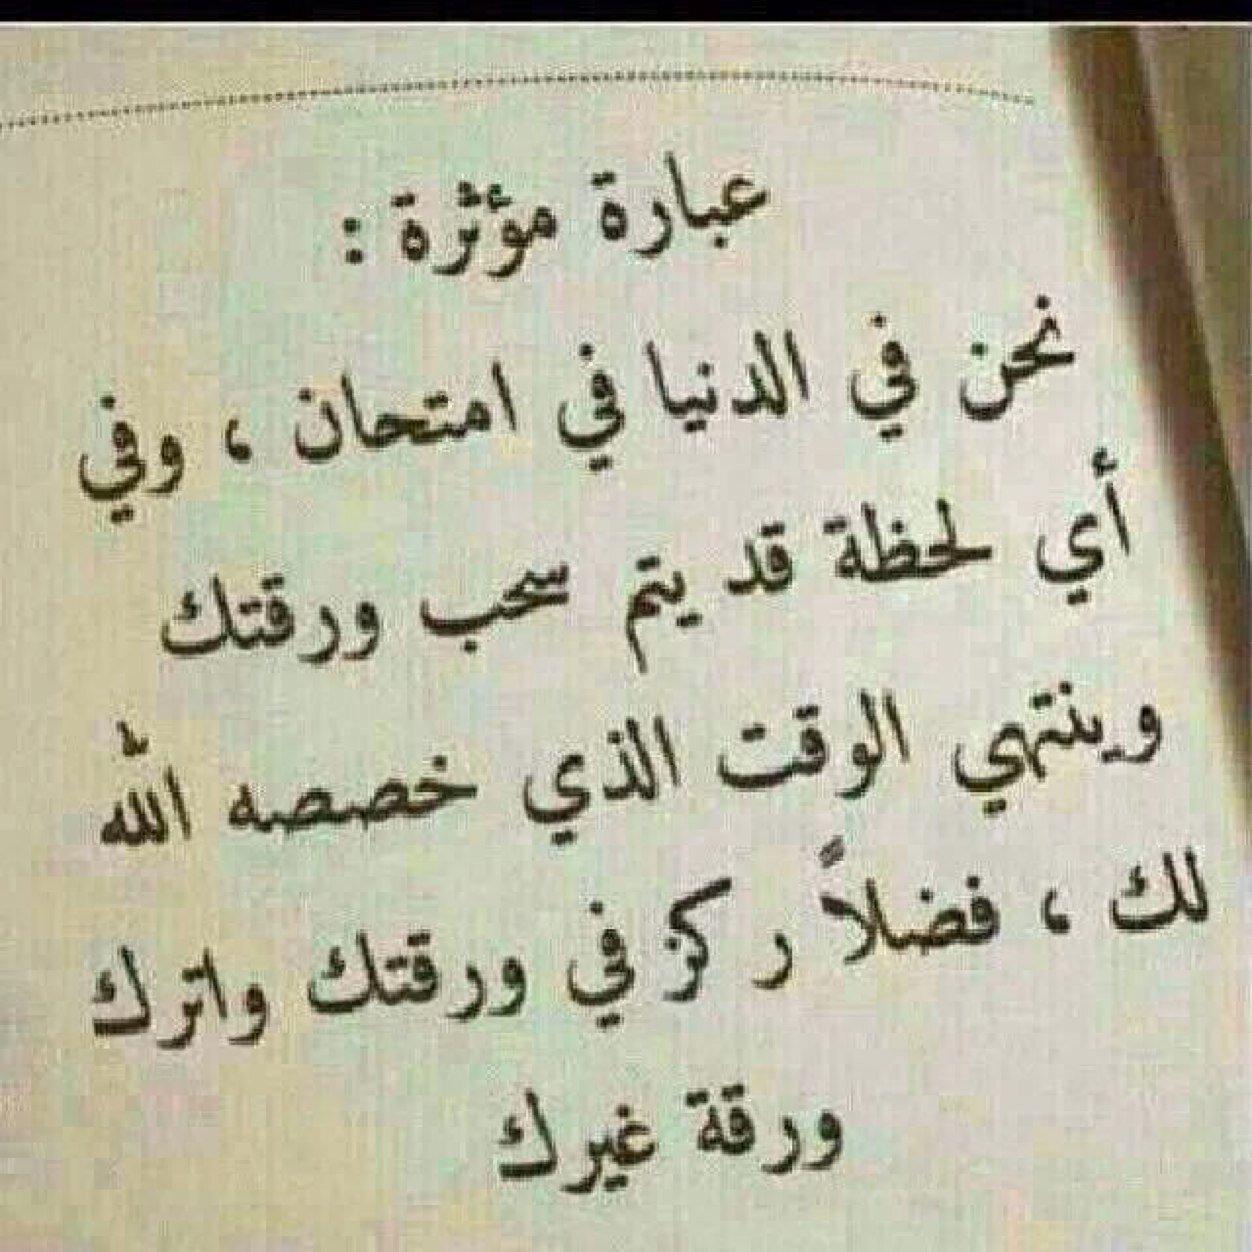 استغفر الله العظيم At Nhnh11221 Twitter